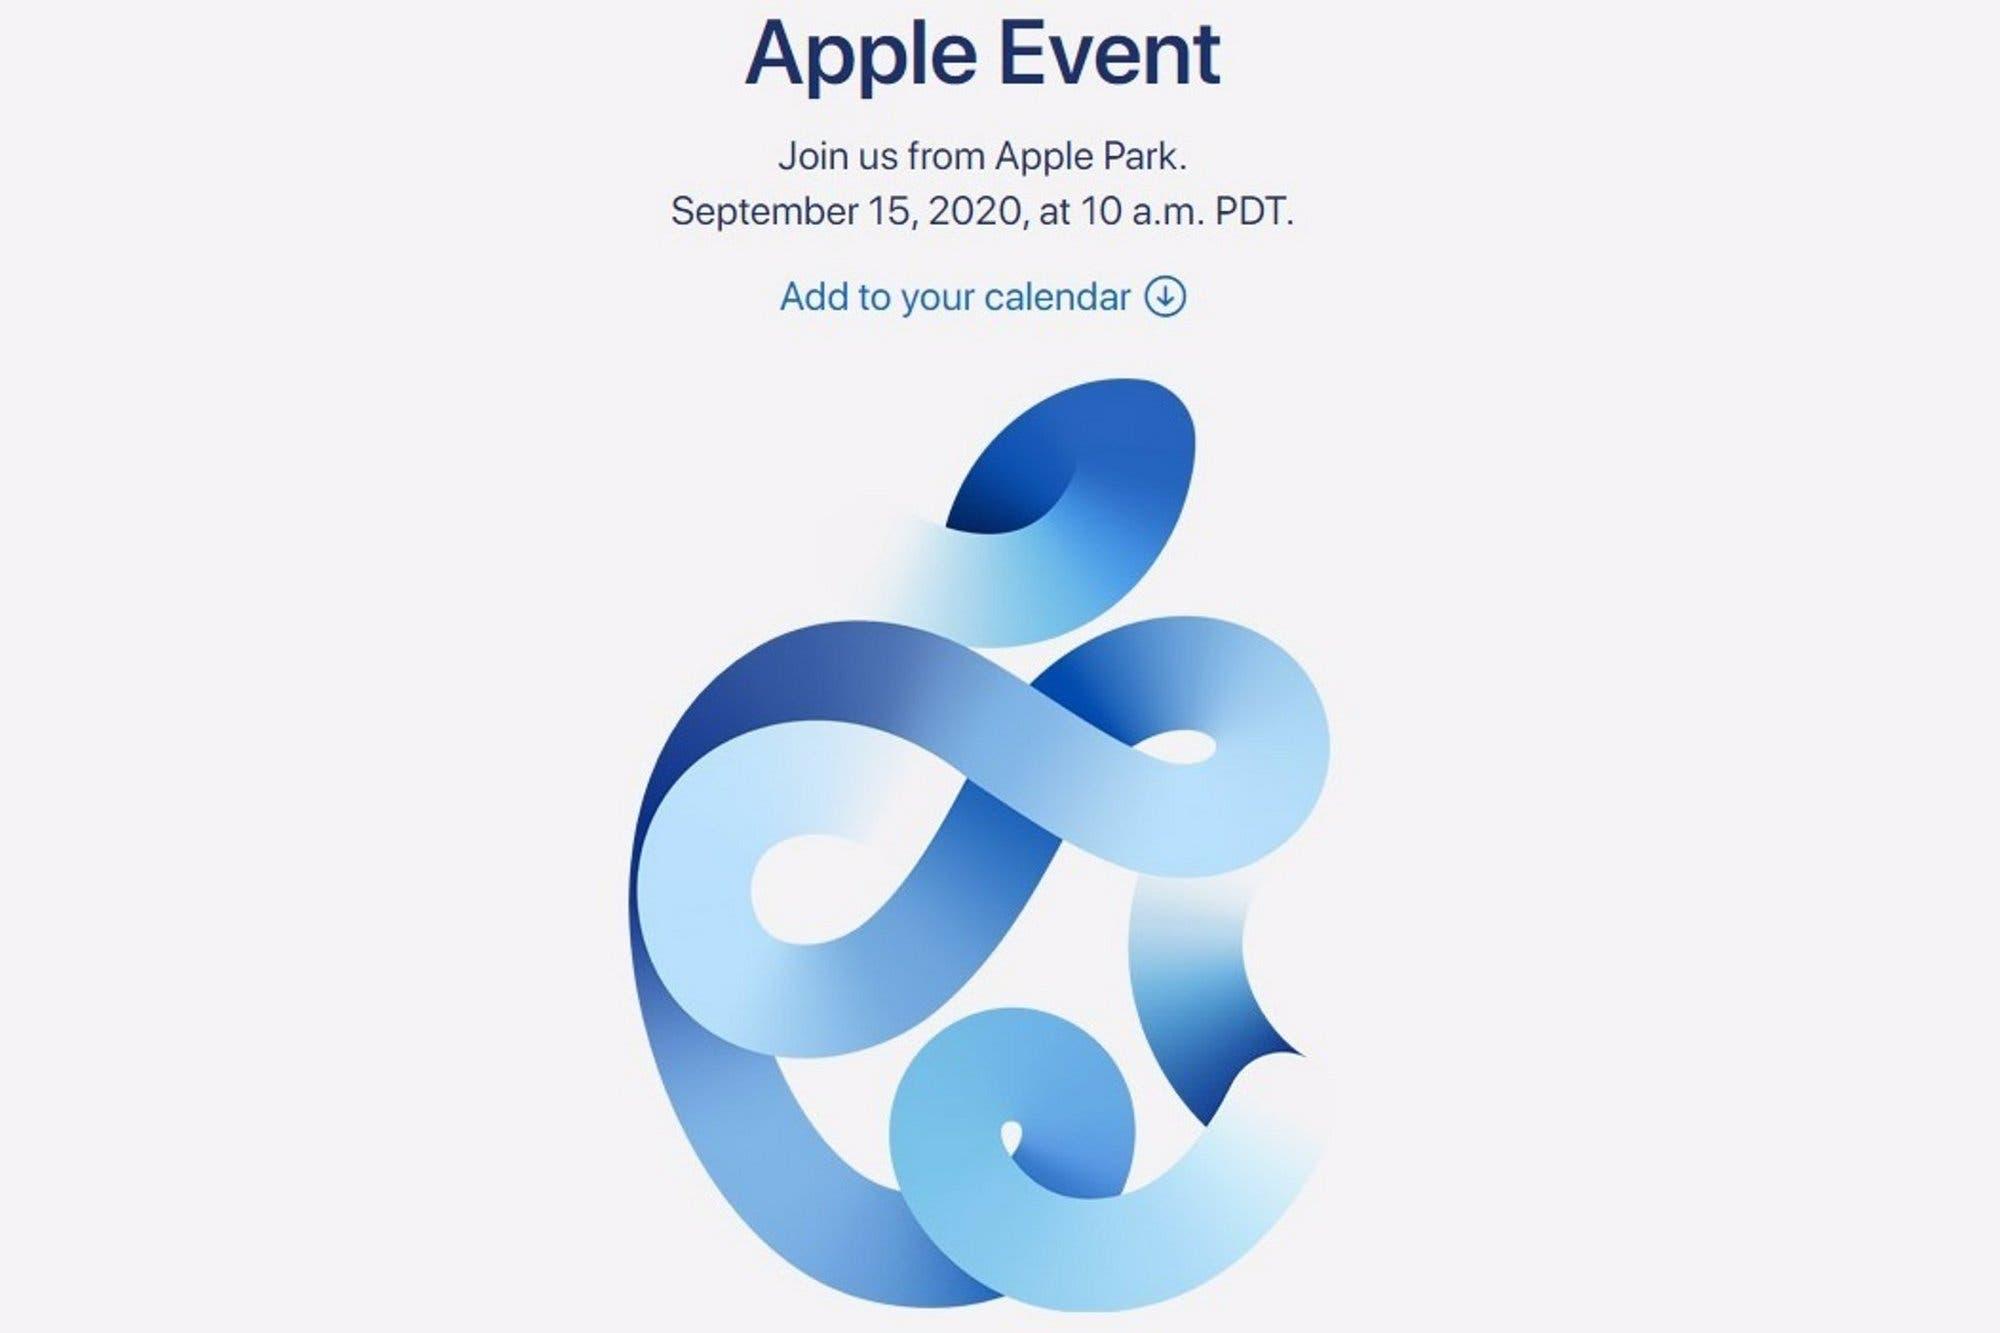 Nuevo iPhone: Apple anuncia su evento de lanzamiento para el 15 de septiembre